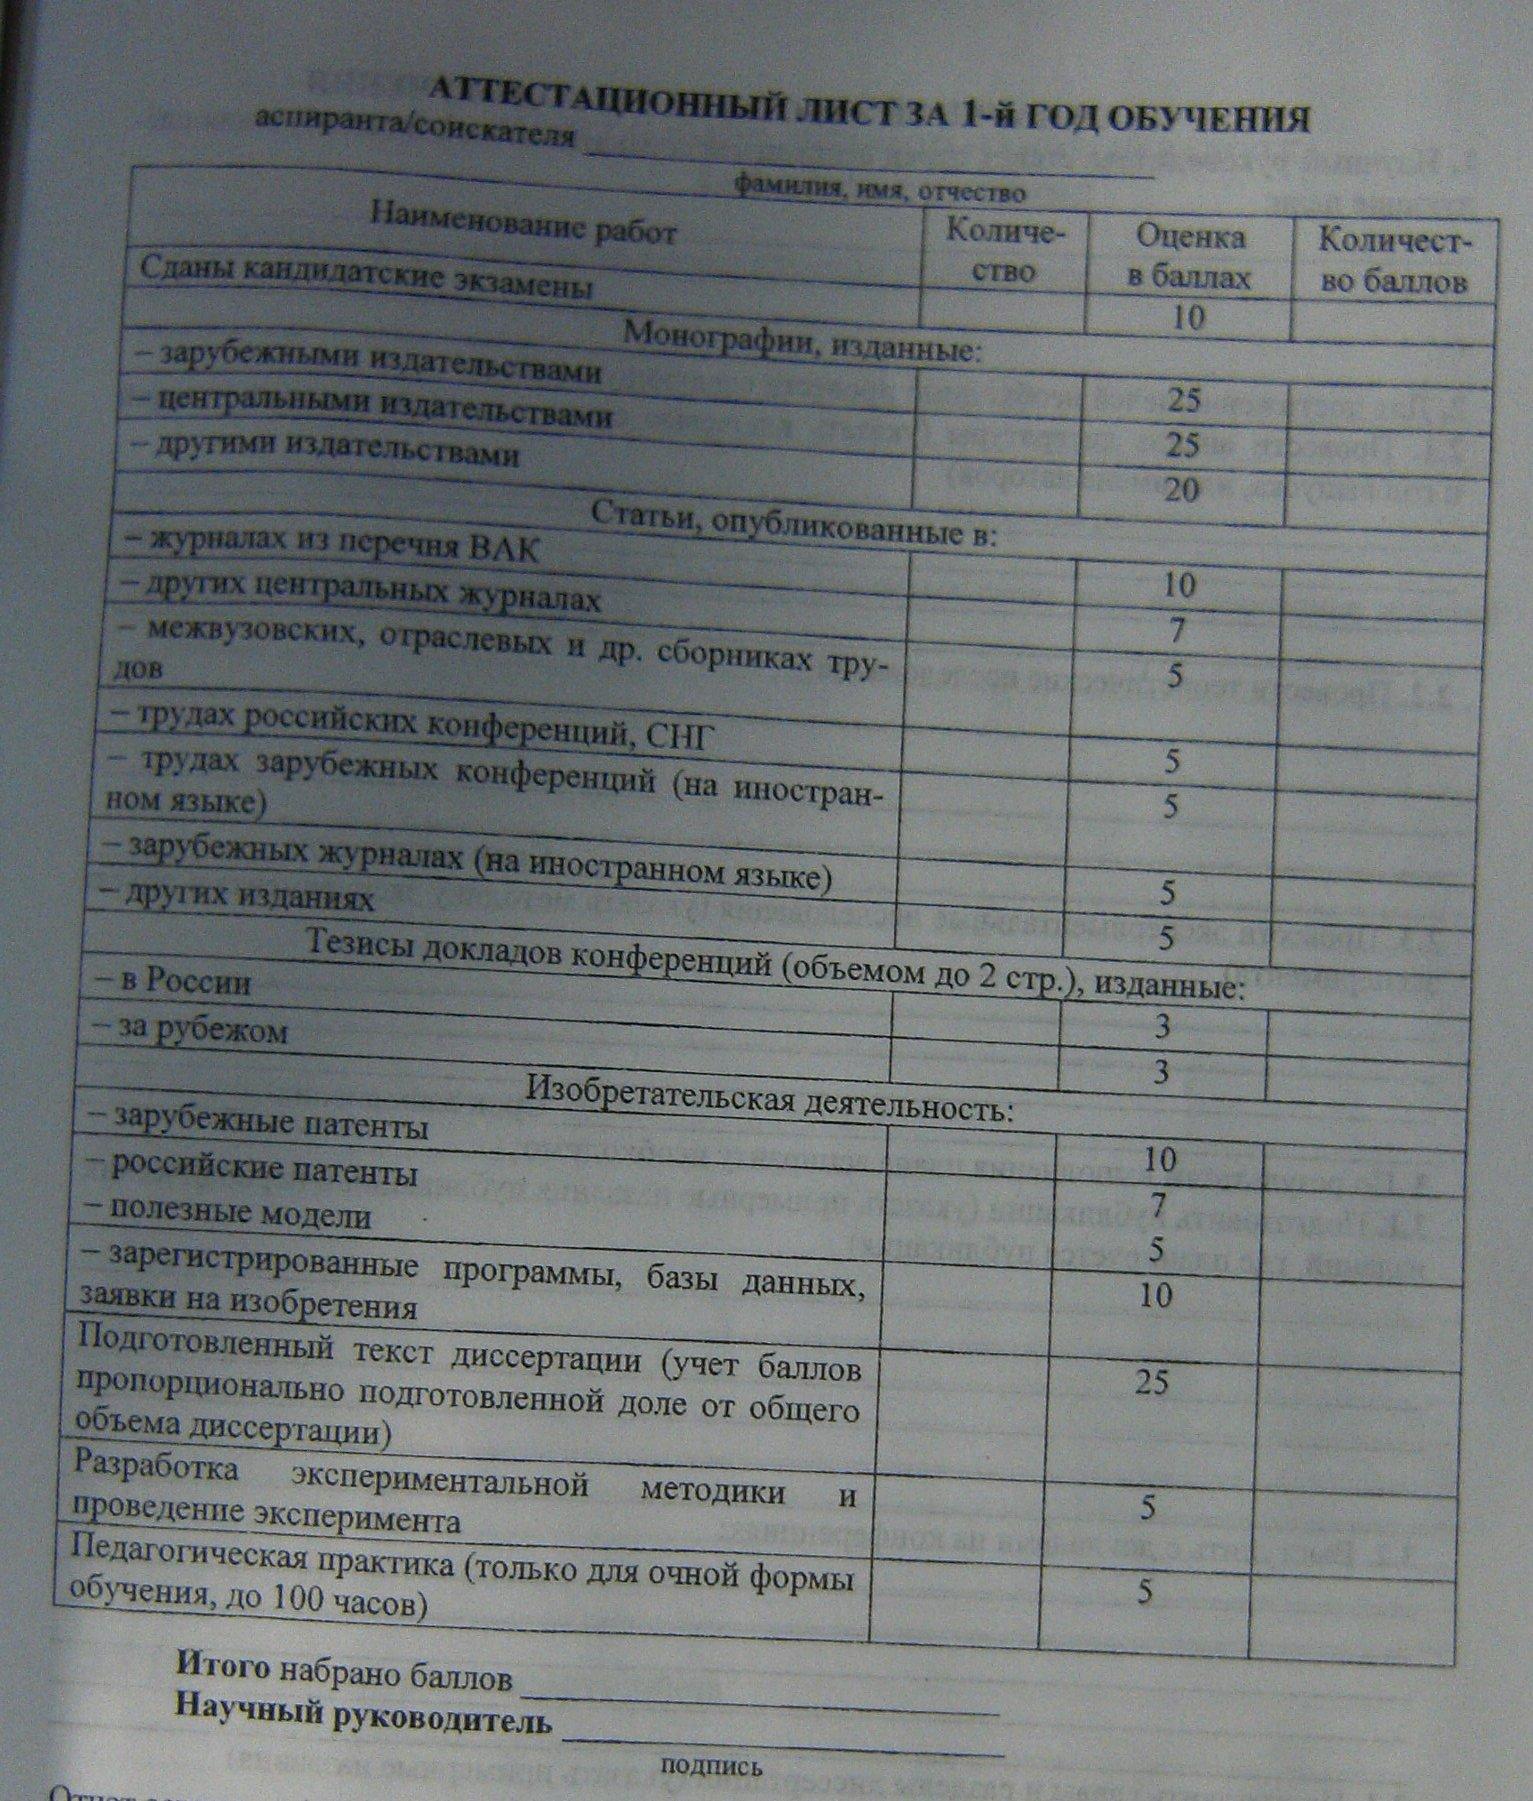 Отчет о педагогической практике аспиранта заполненный Тюмень  По всем вопросам связанным с планированием проведением самостоятельных занятий а также с оформлением отчета о прохождении педагогической практики